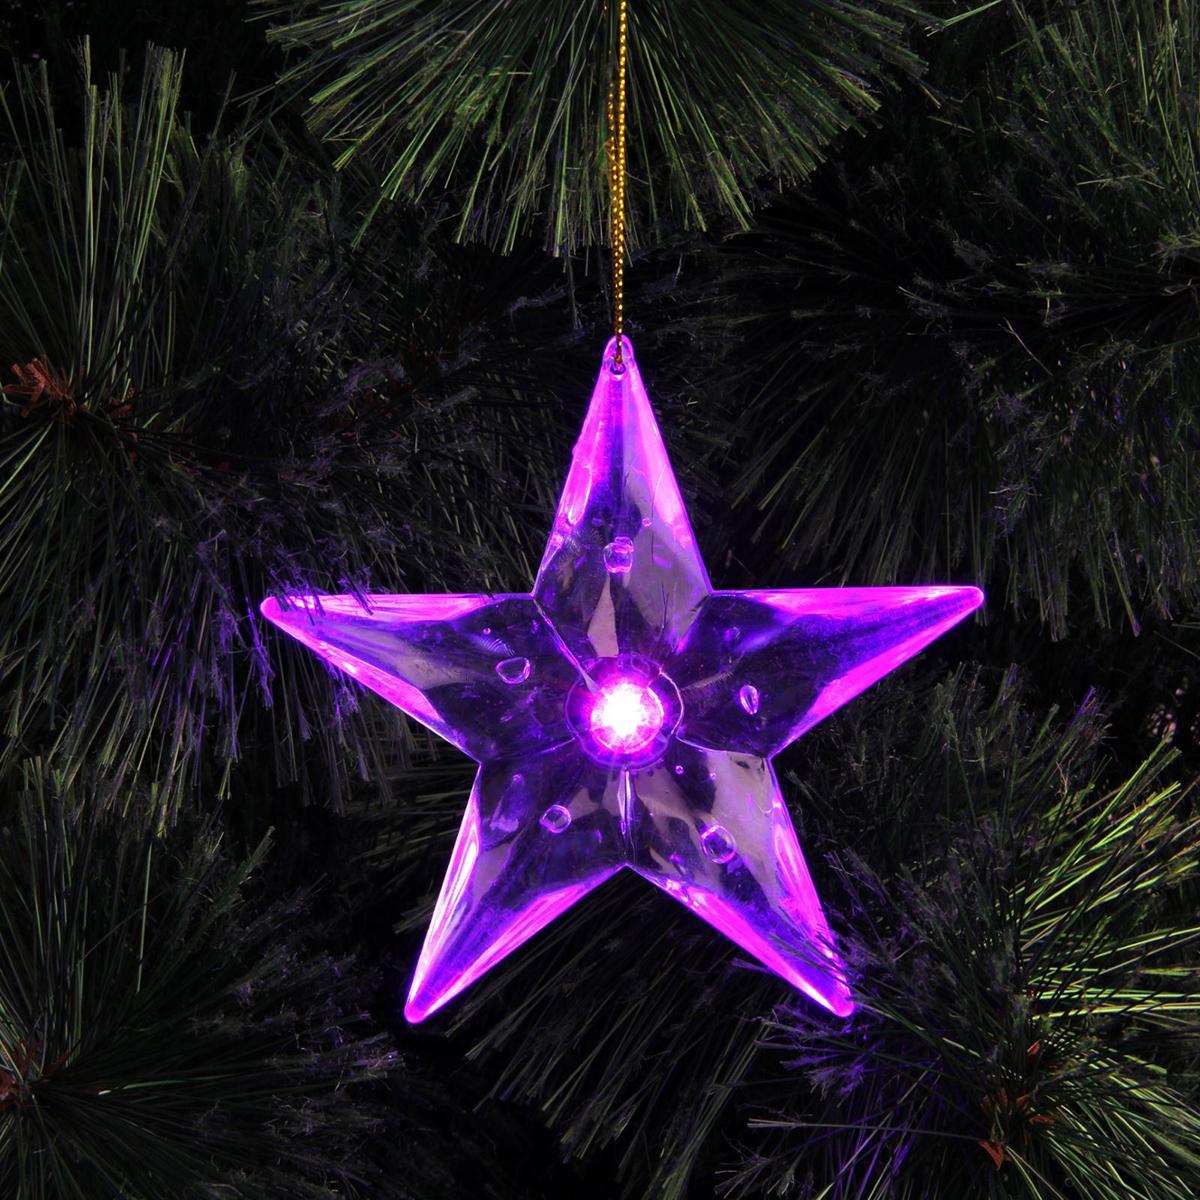 """Оригинальная световая игрушка """"Звезда"""" станет прекрасным дополнением к праздничному декору. Она работает от батареек и не зависит от розеток, поэтому везде найдет себе место. Повесьте такую игрушку на новогоднюю елку, и дерево засияет так, словно его озарило солнцем. Также этот аксессуар украсит оконные рамы и создаст необычное и таинственное освещение в комнате.  Количество светодиодов: 1. Батарейки в комплекте. Пусть торжество заиграет новыми красками!"""